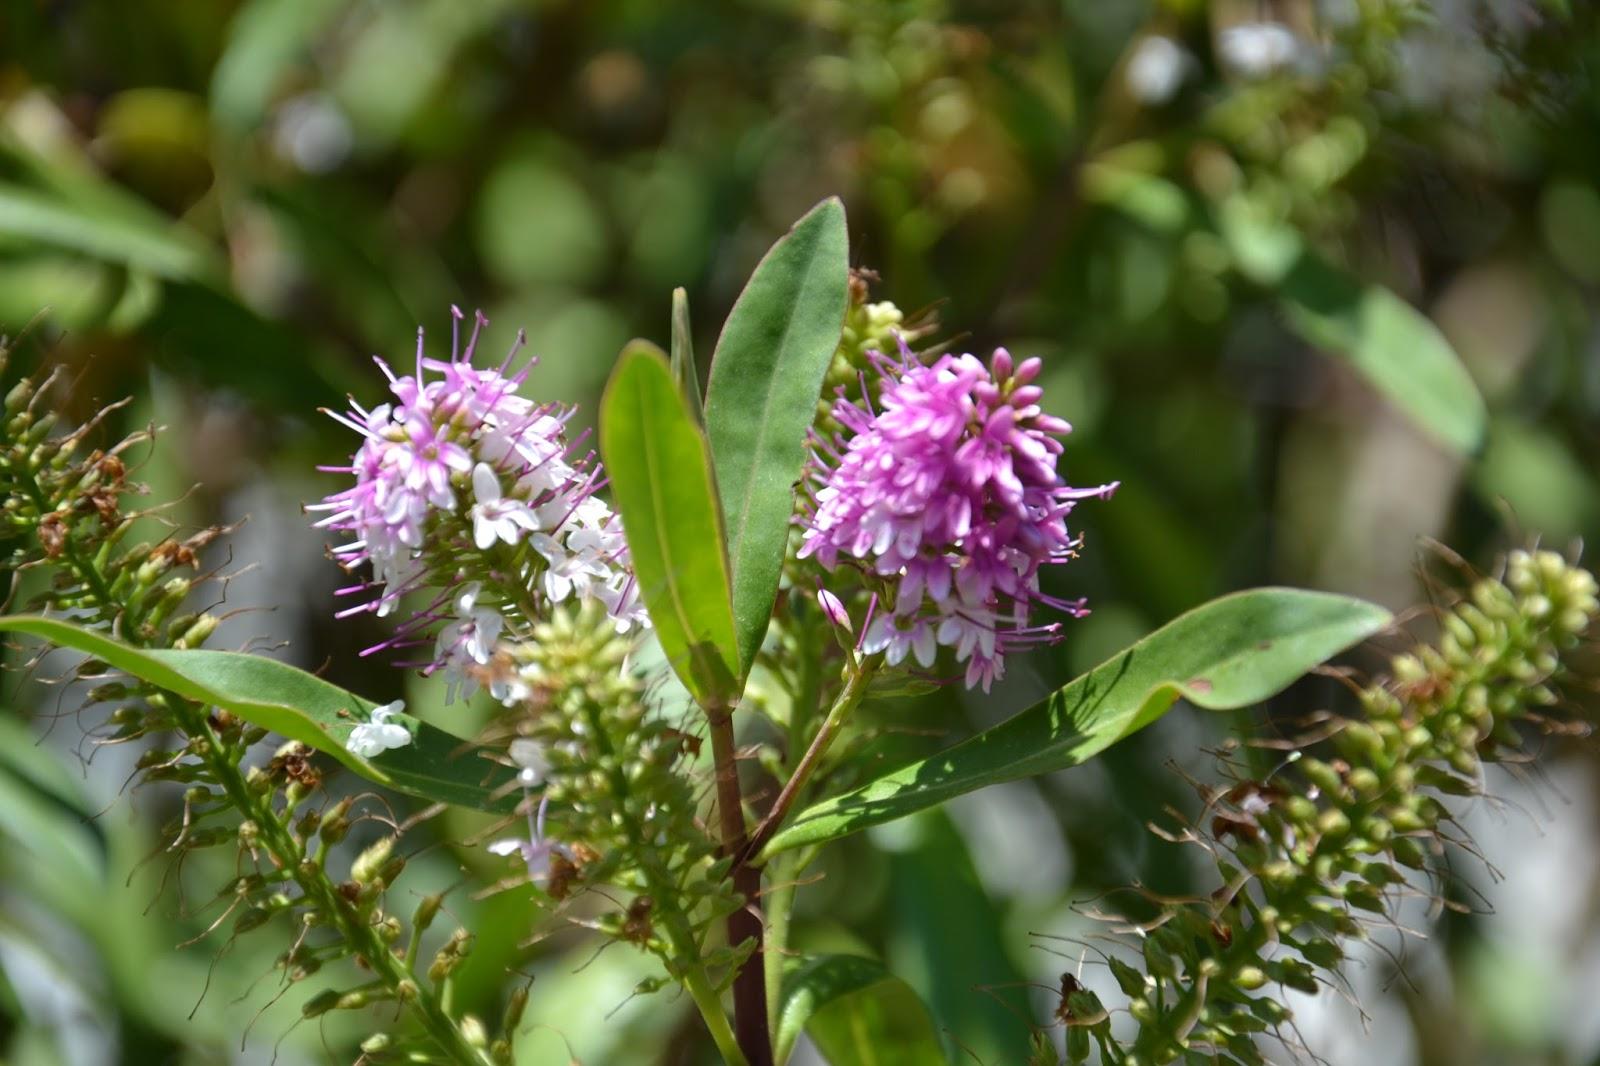 Sussurro das orqu deas hebe o arbusto das borboletas for Hebe arbusto